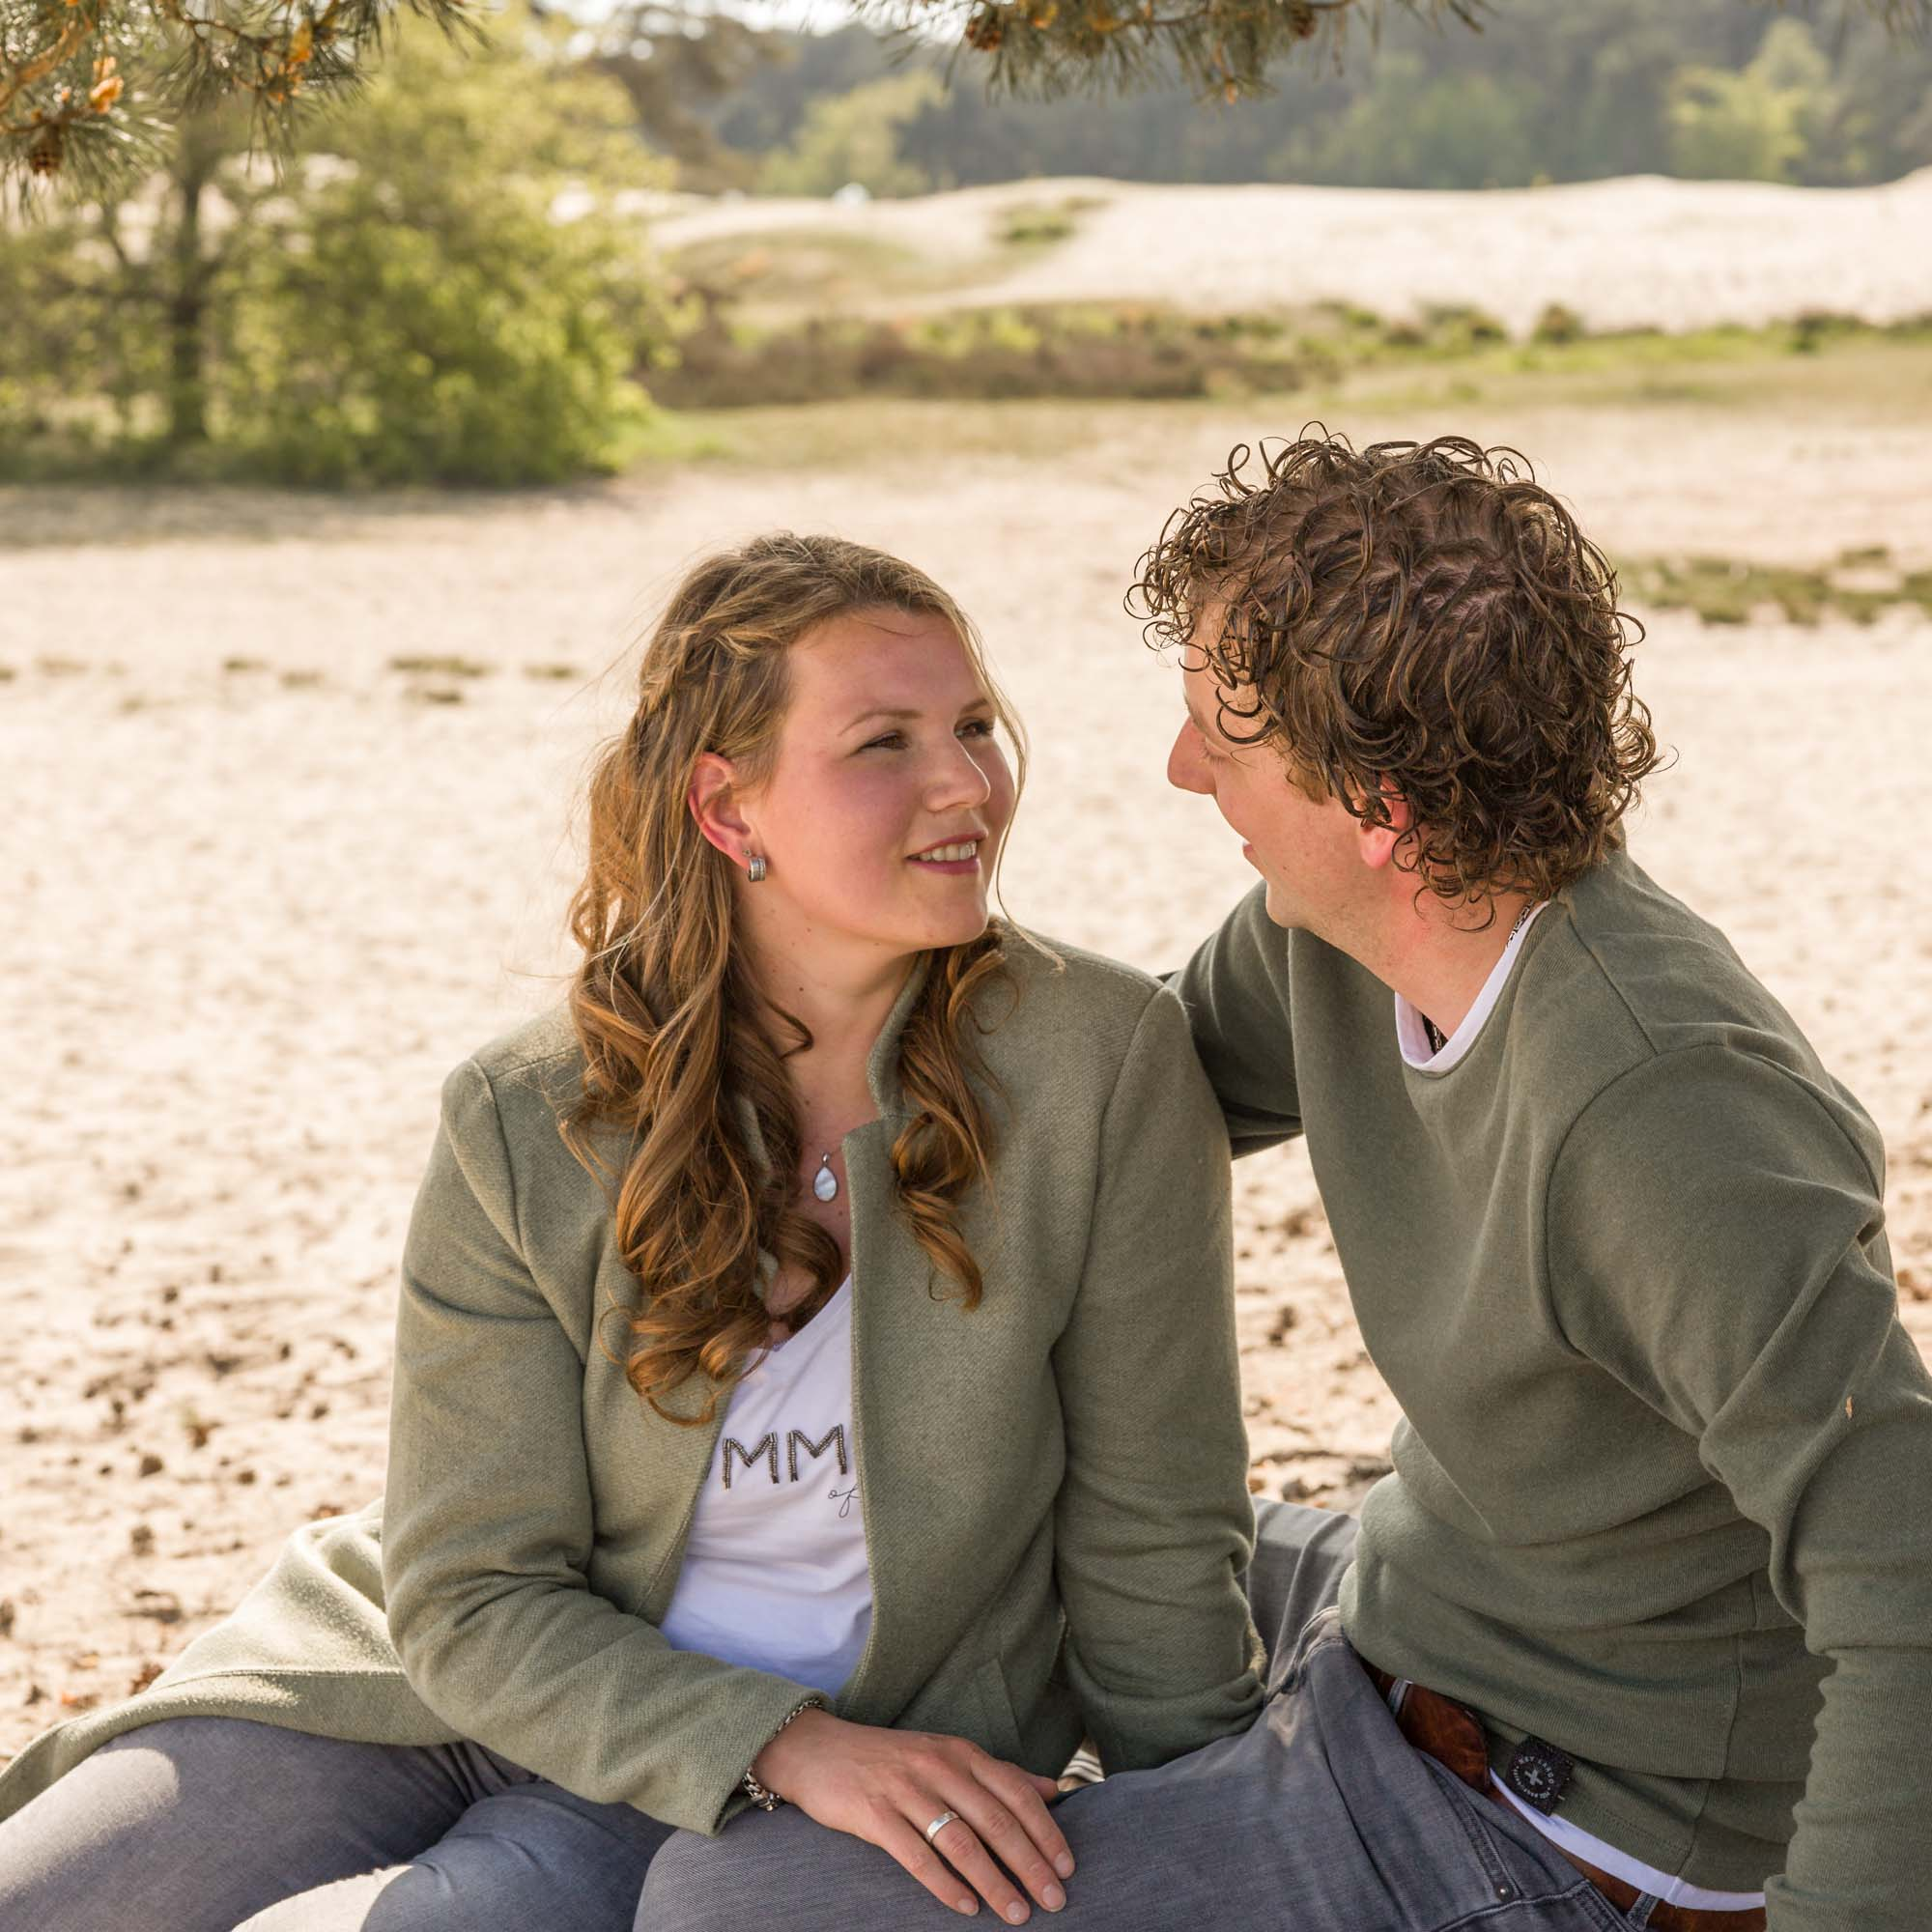 Loveshoot fotograaf in Amersfoort, Nijkerk, Hoevelaken en omgeving. Koppel fotoshoot door Mayra Fotografie.